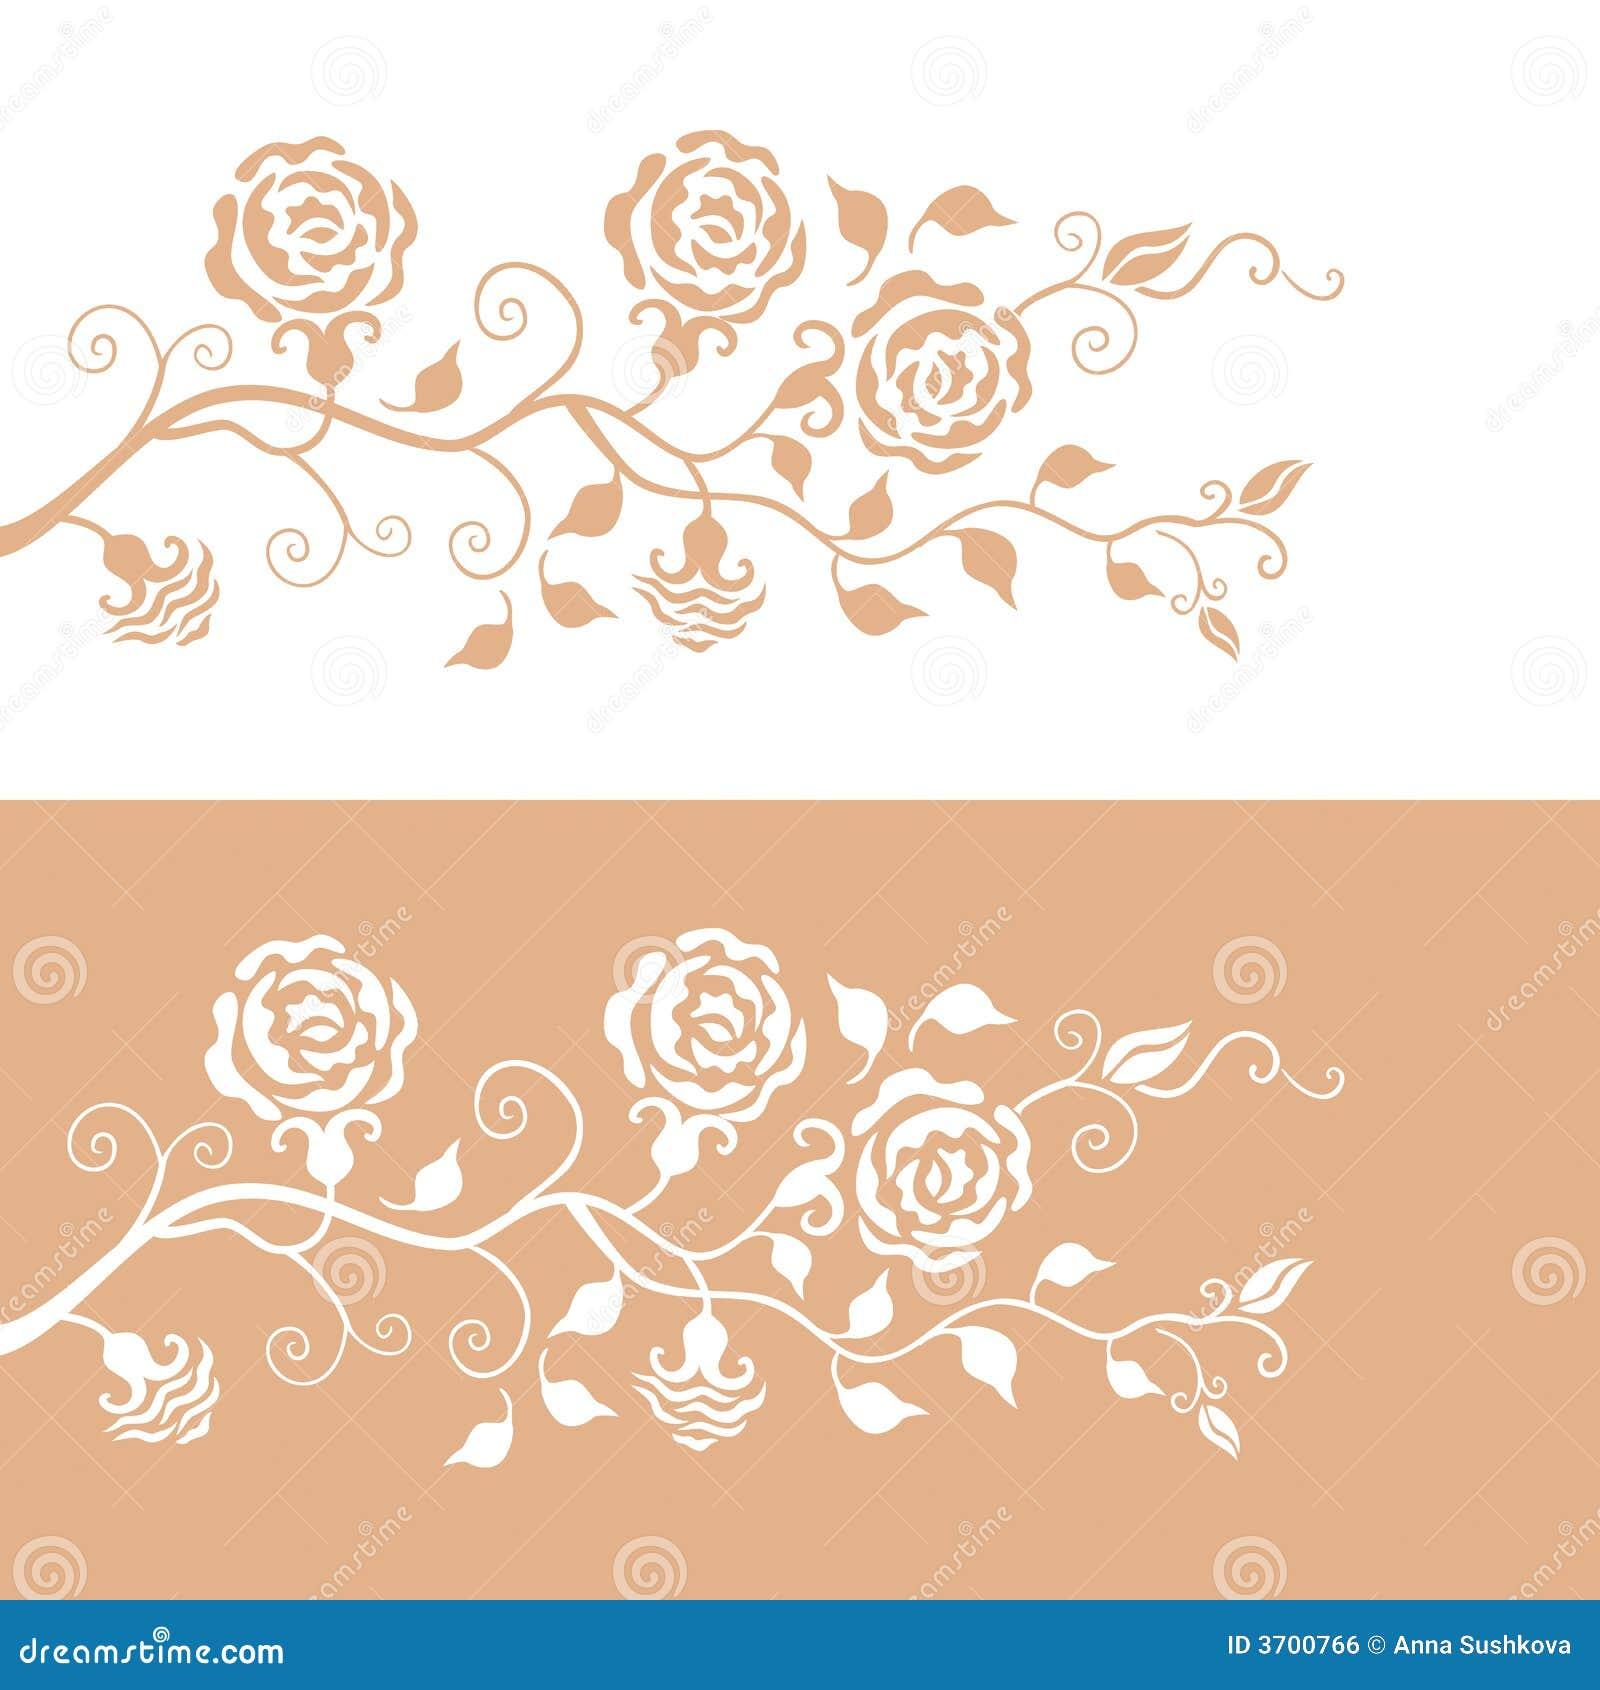 Bloemen patroon met rozen